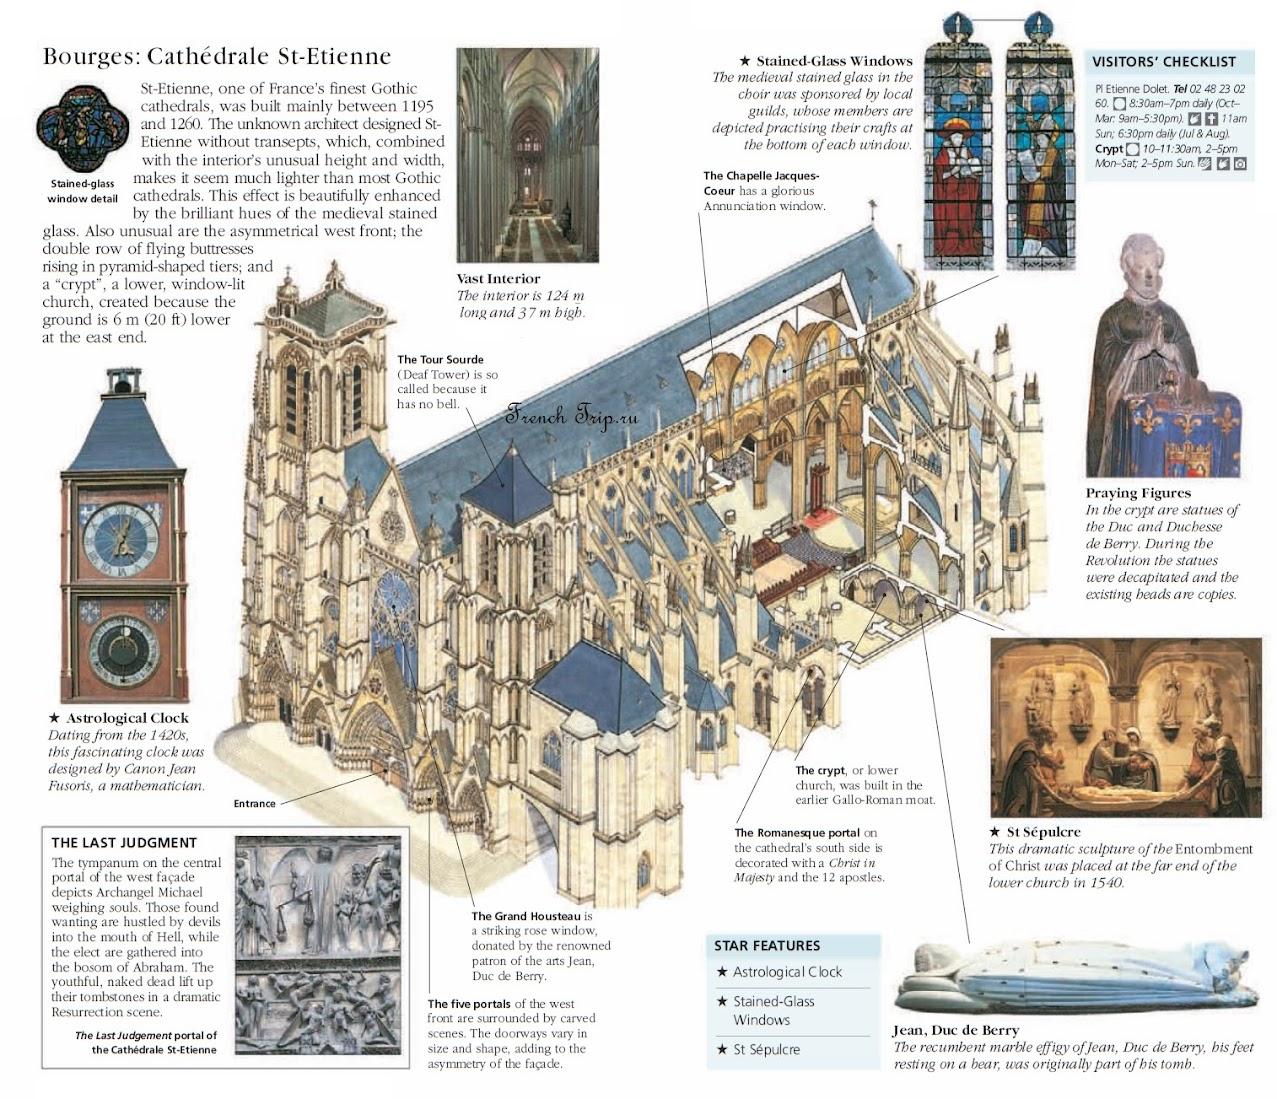 Главная достопримечательность города Бурж - кафедральный собор Сен-Этьен Bourges (Бурж), Франция